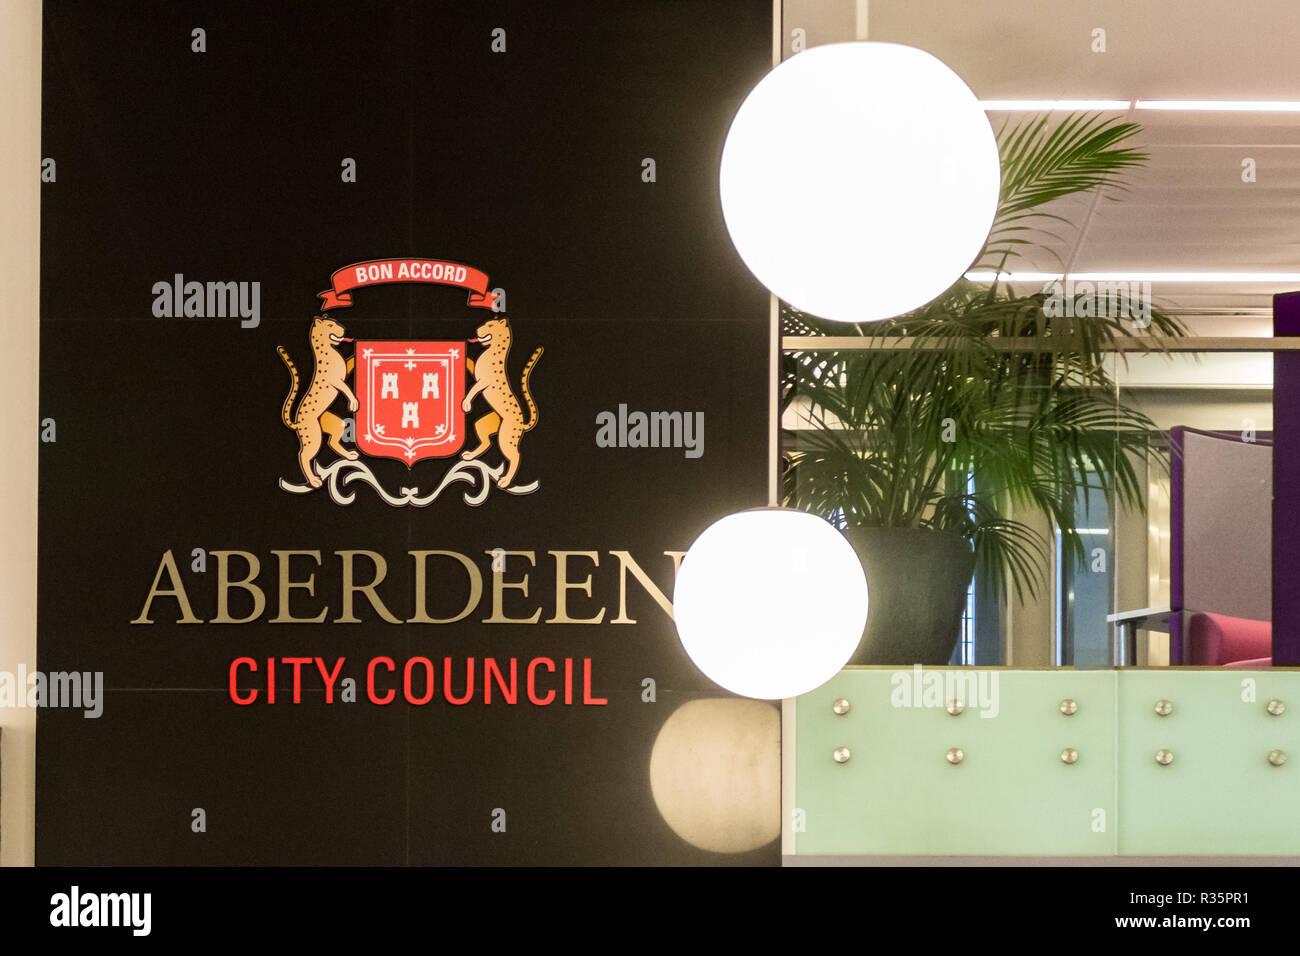 Aberdeen City Council sign at Marischal College Customer Service Centre, Aberdeen, Scotland, UK Stock Photo